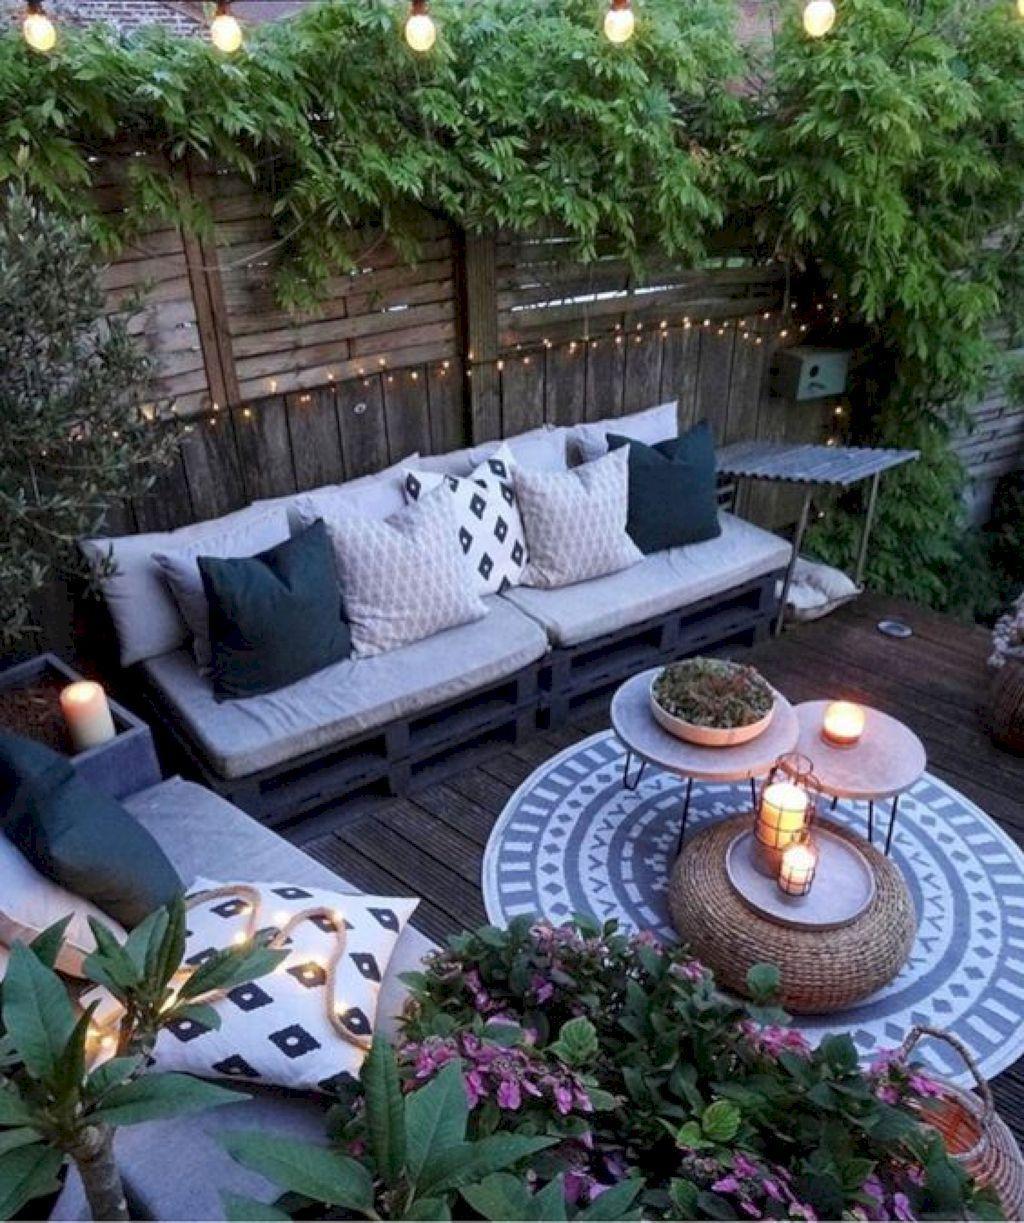 35 Fresh Small Backyard and Garden Design Ideas - 99decor